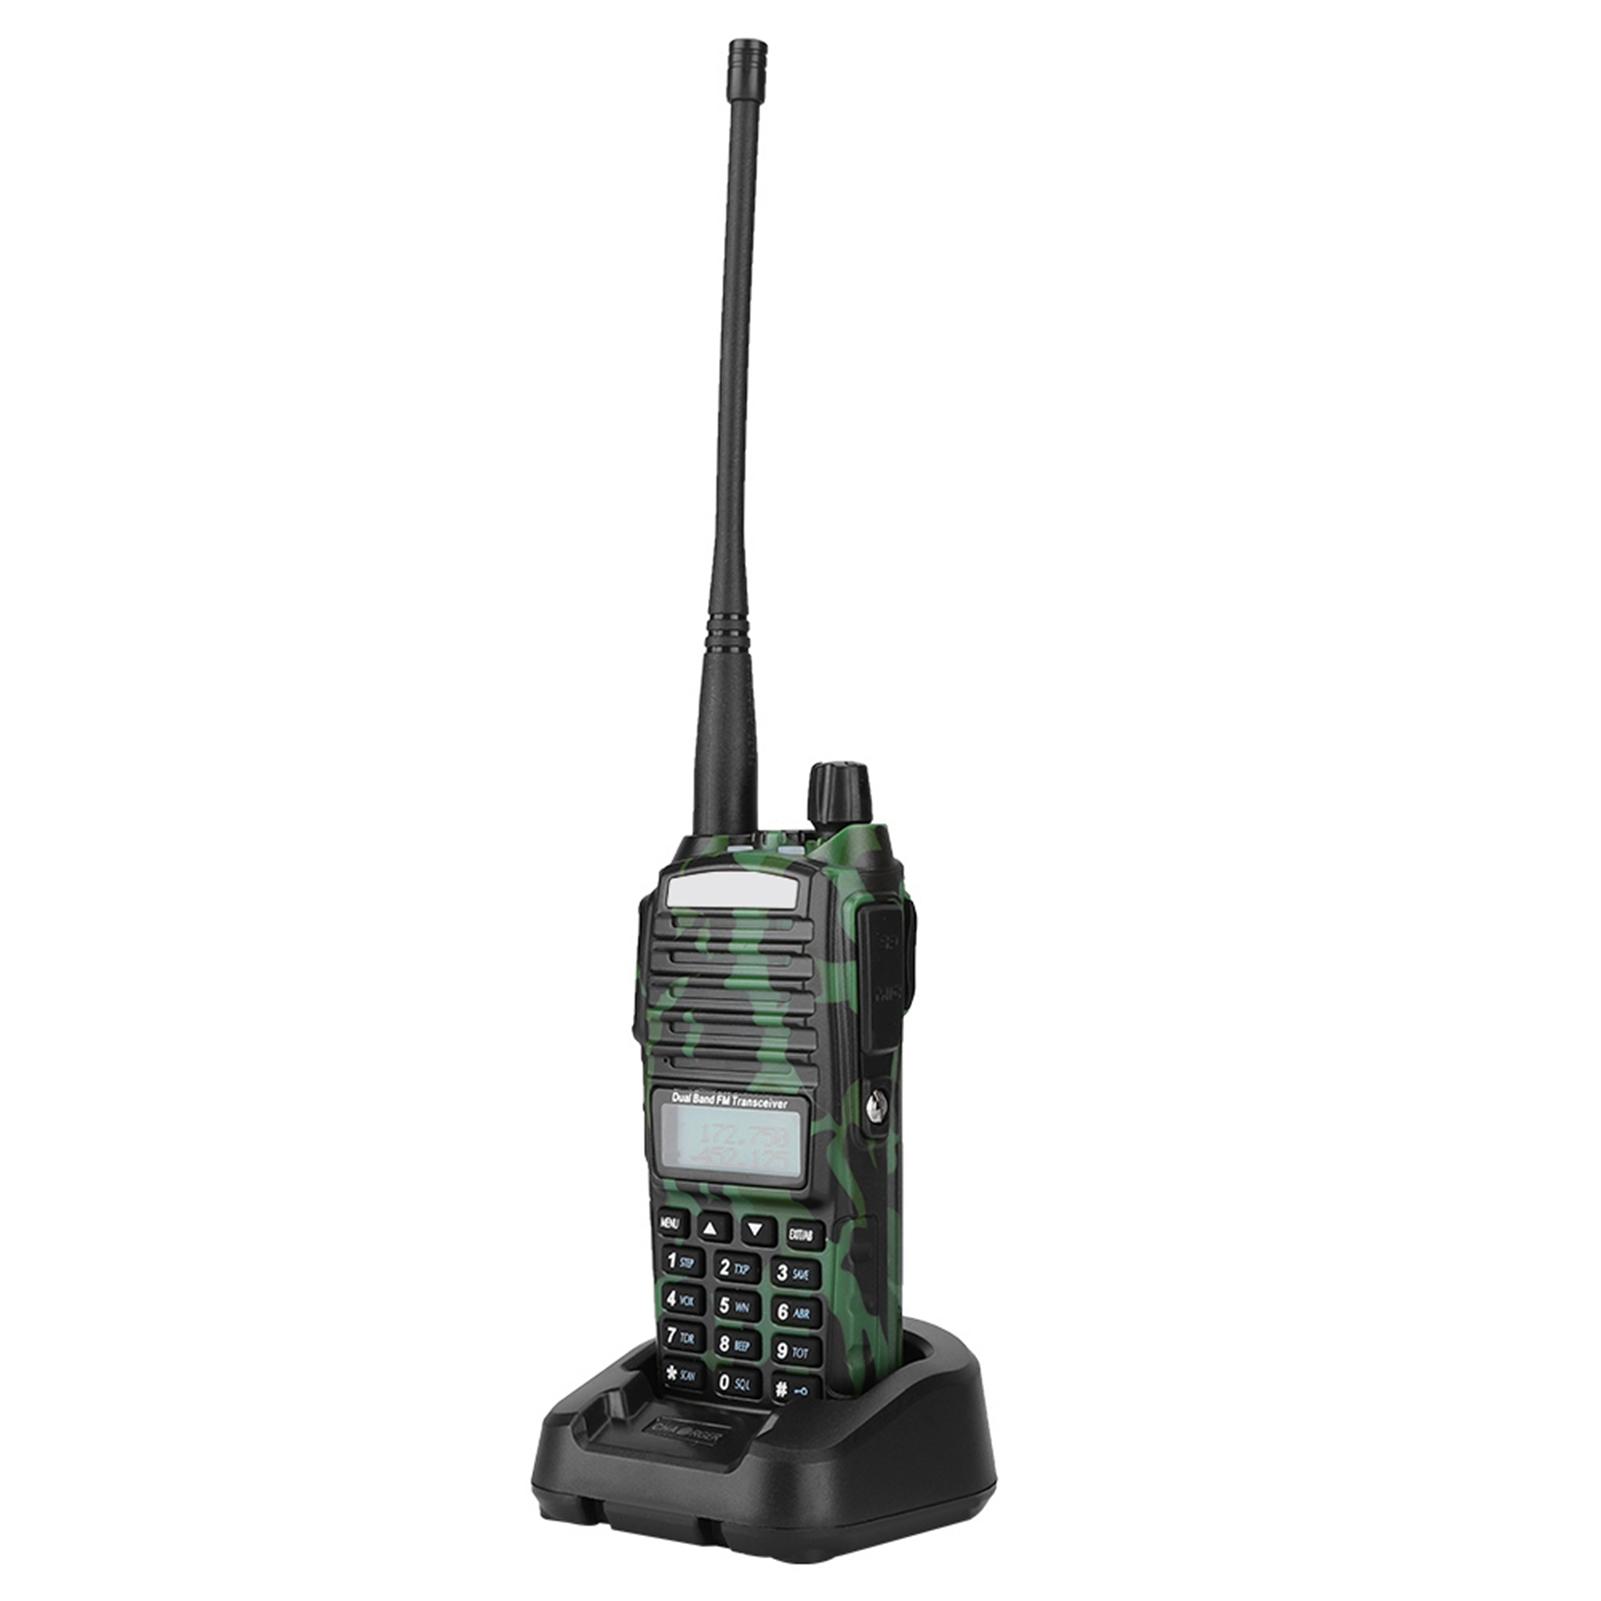 UHF-VHF-Dual-Band-Walkie-Talkie-Intercom-Radio-for-Baofeng-UV-82-UV9R-UV9R-Plus thumbnail 20